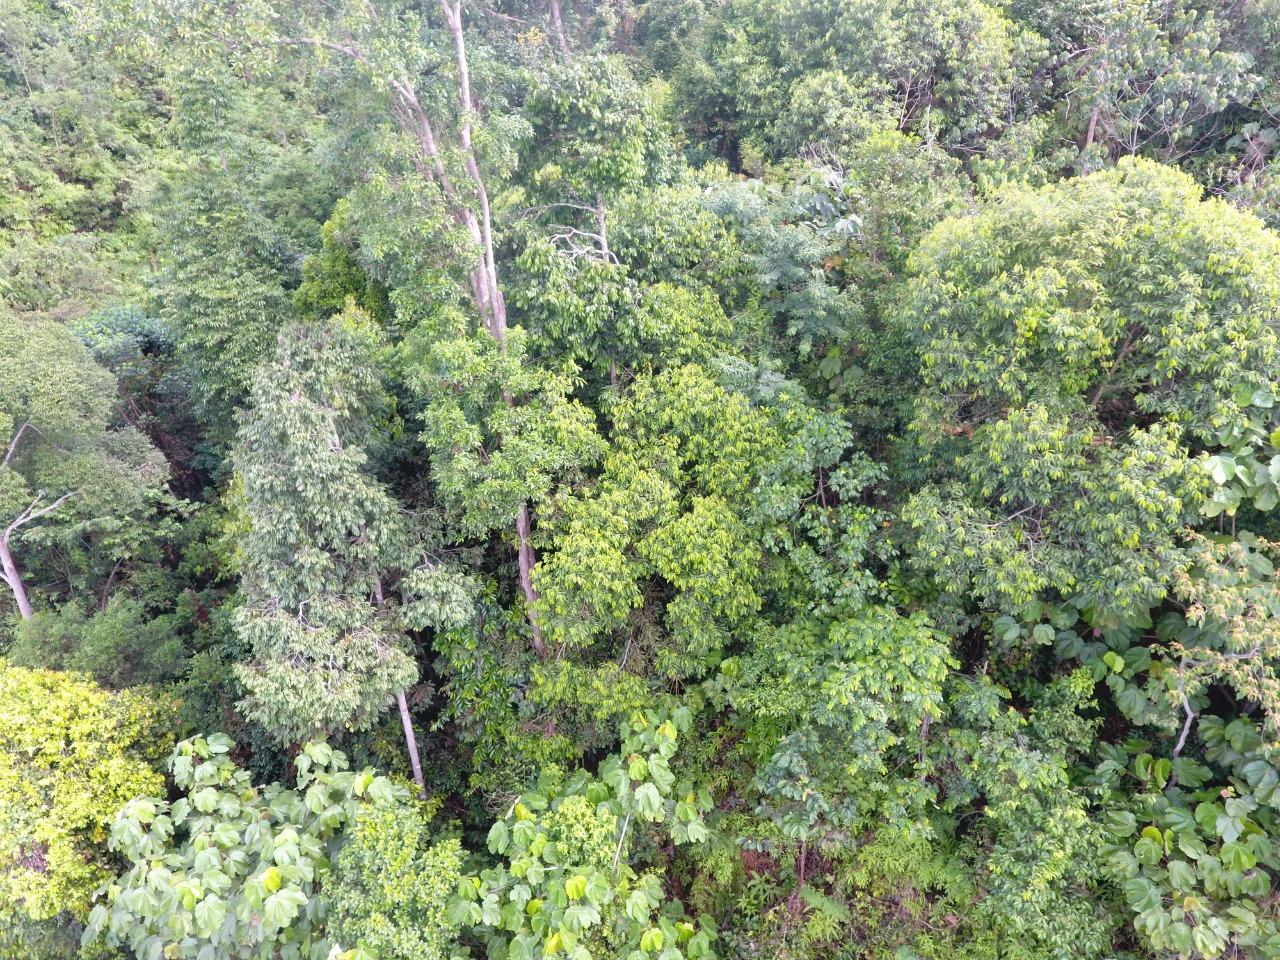 Hutan alam yang masuk izin HKM koperasi, yang ngurus perusahaan. Warga Pulau Padang menolak hutan alam jadi akasia. Foto: Suryadi/ Mongabay Indonesia